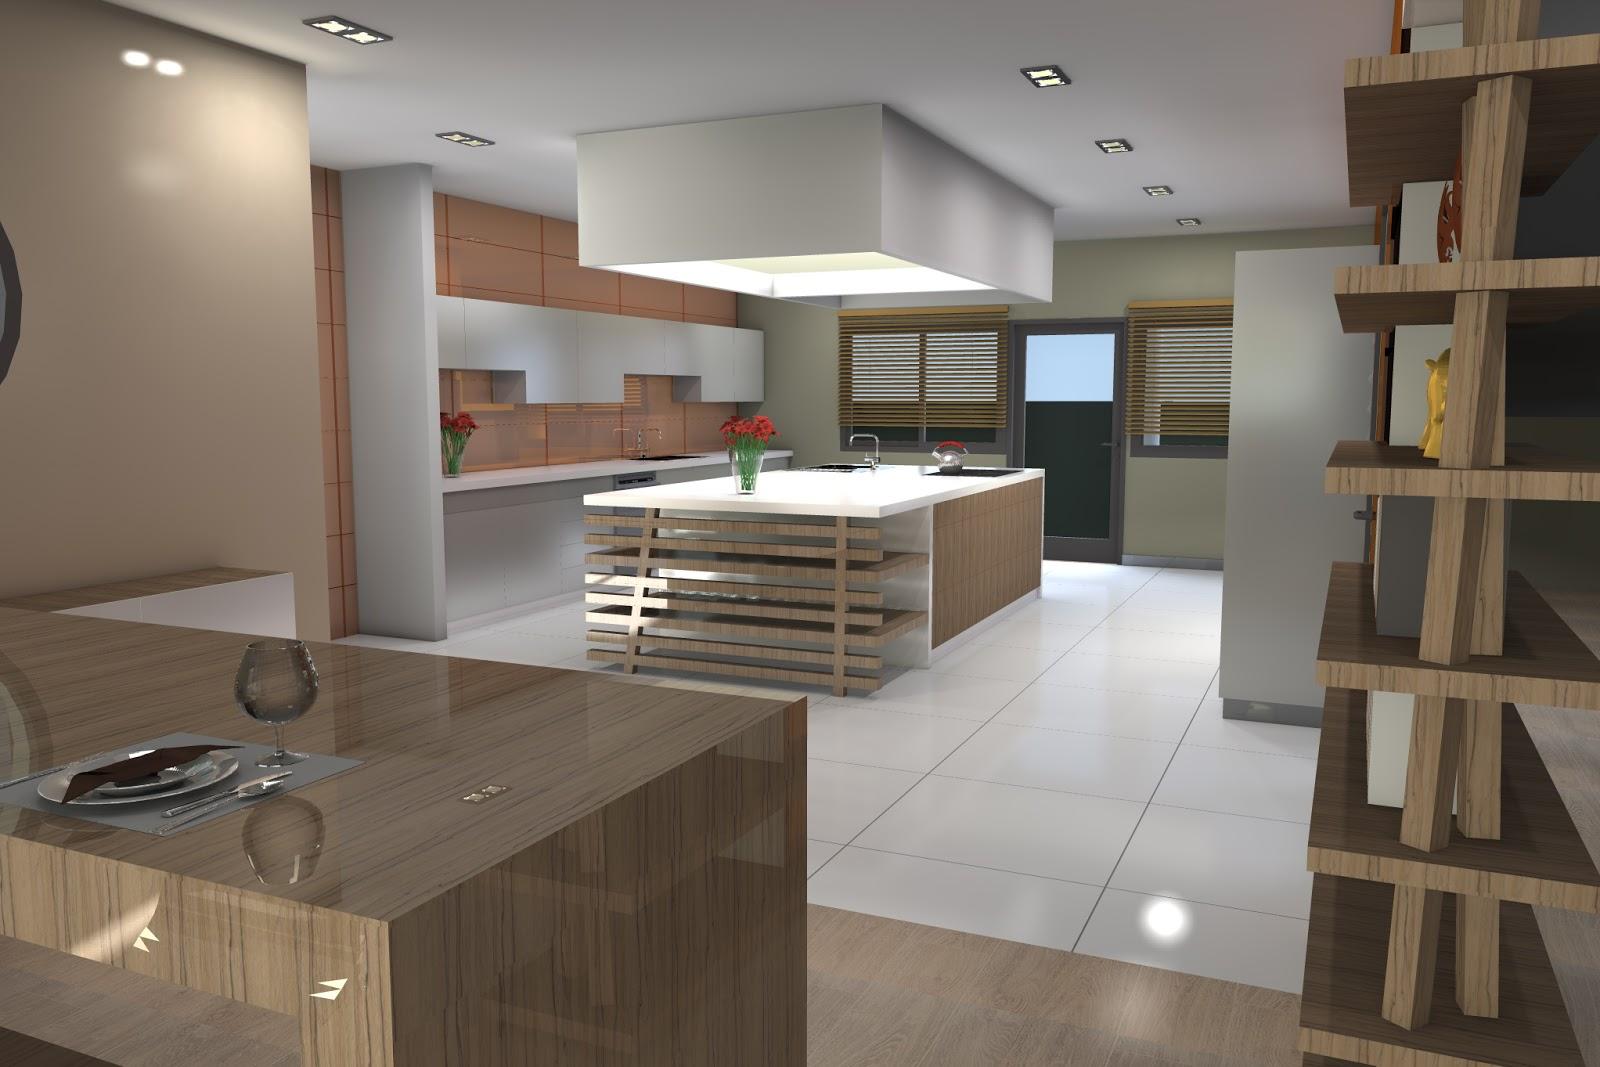 Hugo Vaz: Remodelação de Cozinha e Sala de Estar Moçambique #5F4E3E 1600 1067